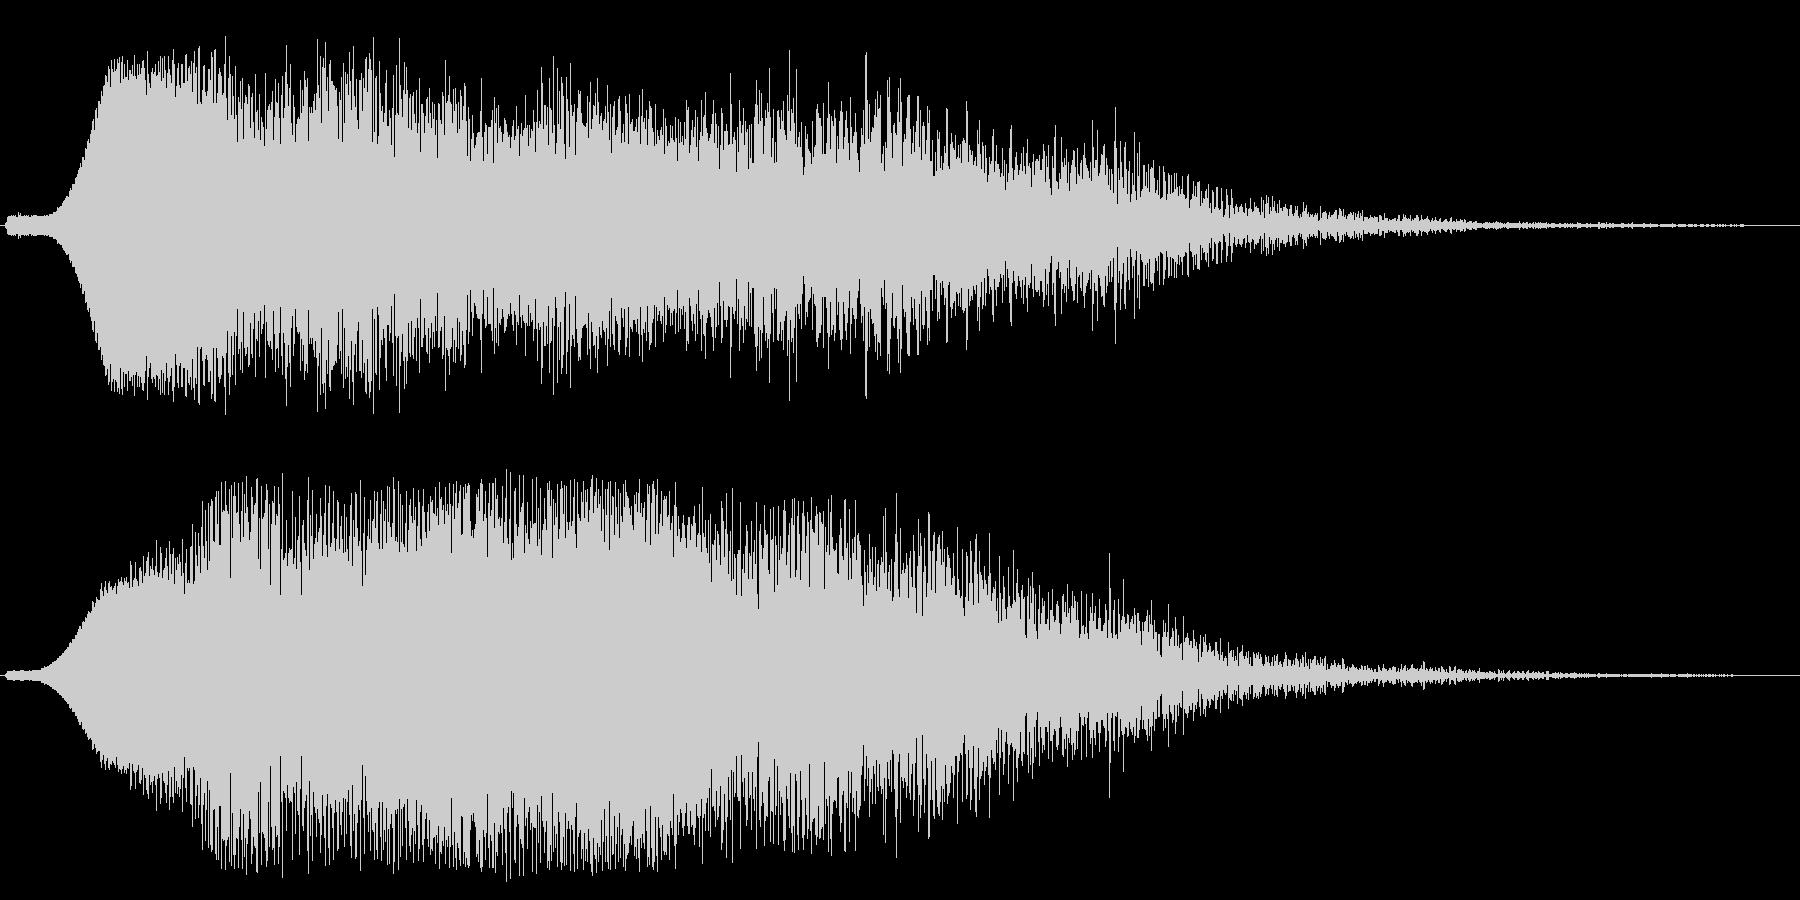 ファーンシューッ(広がり駆け抜けるSE)の未再生の波形